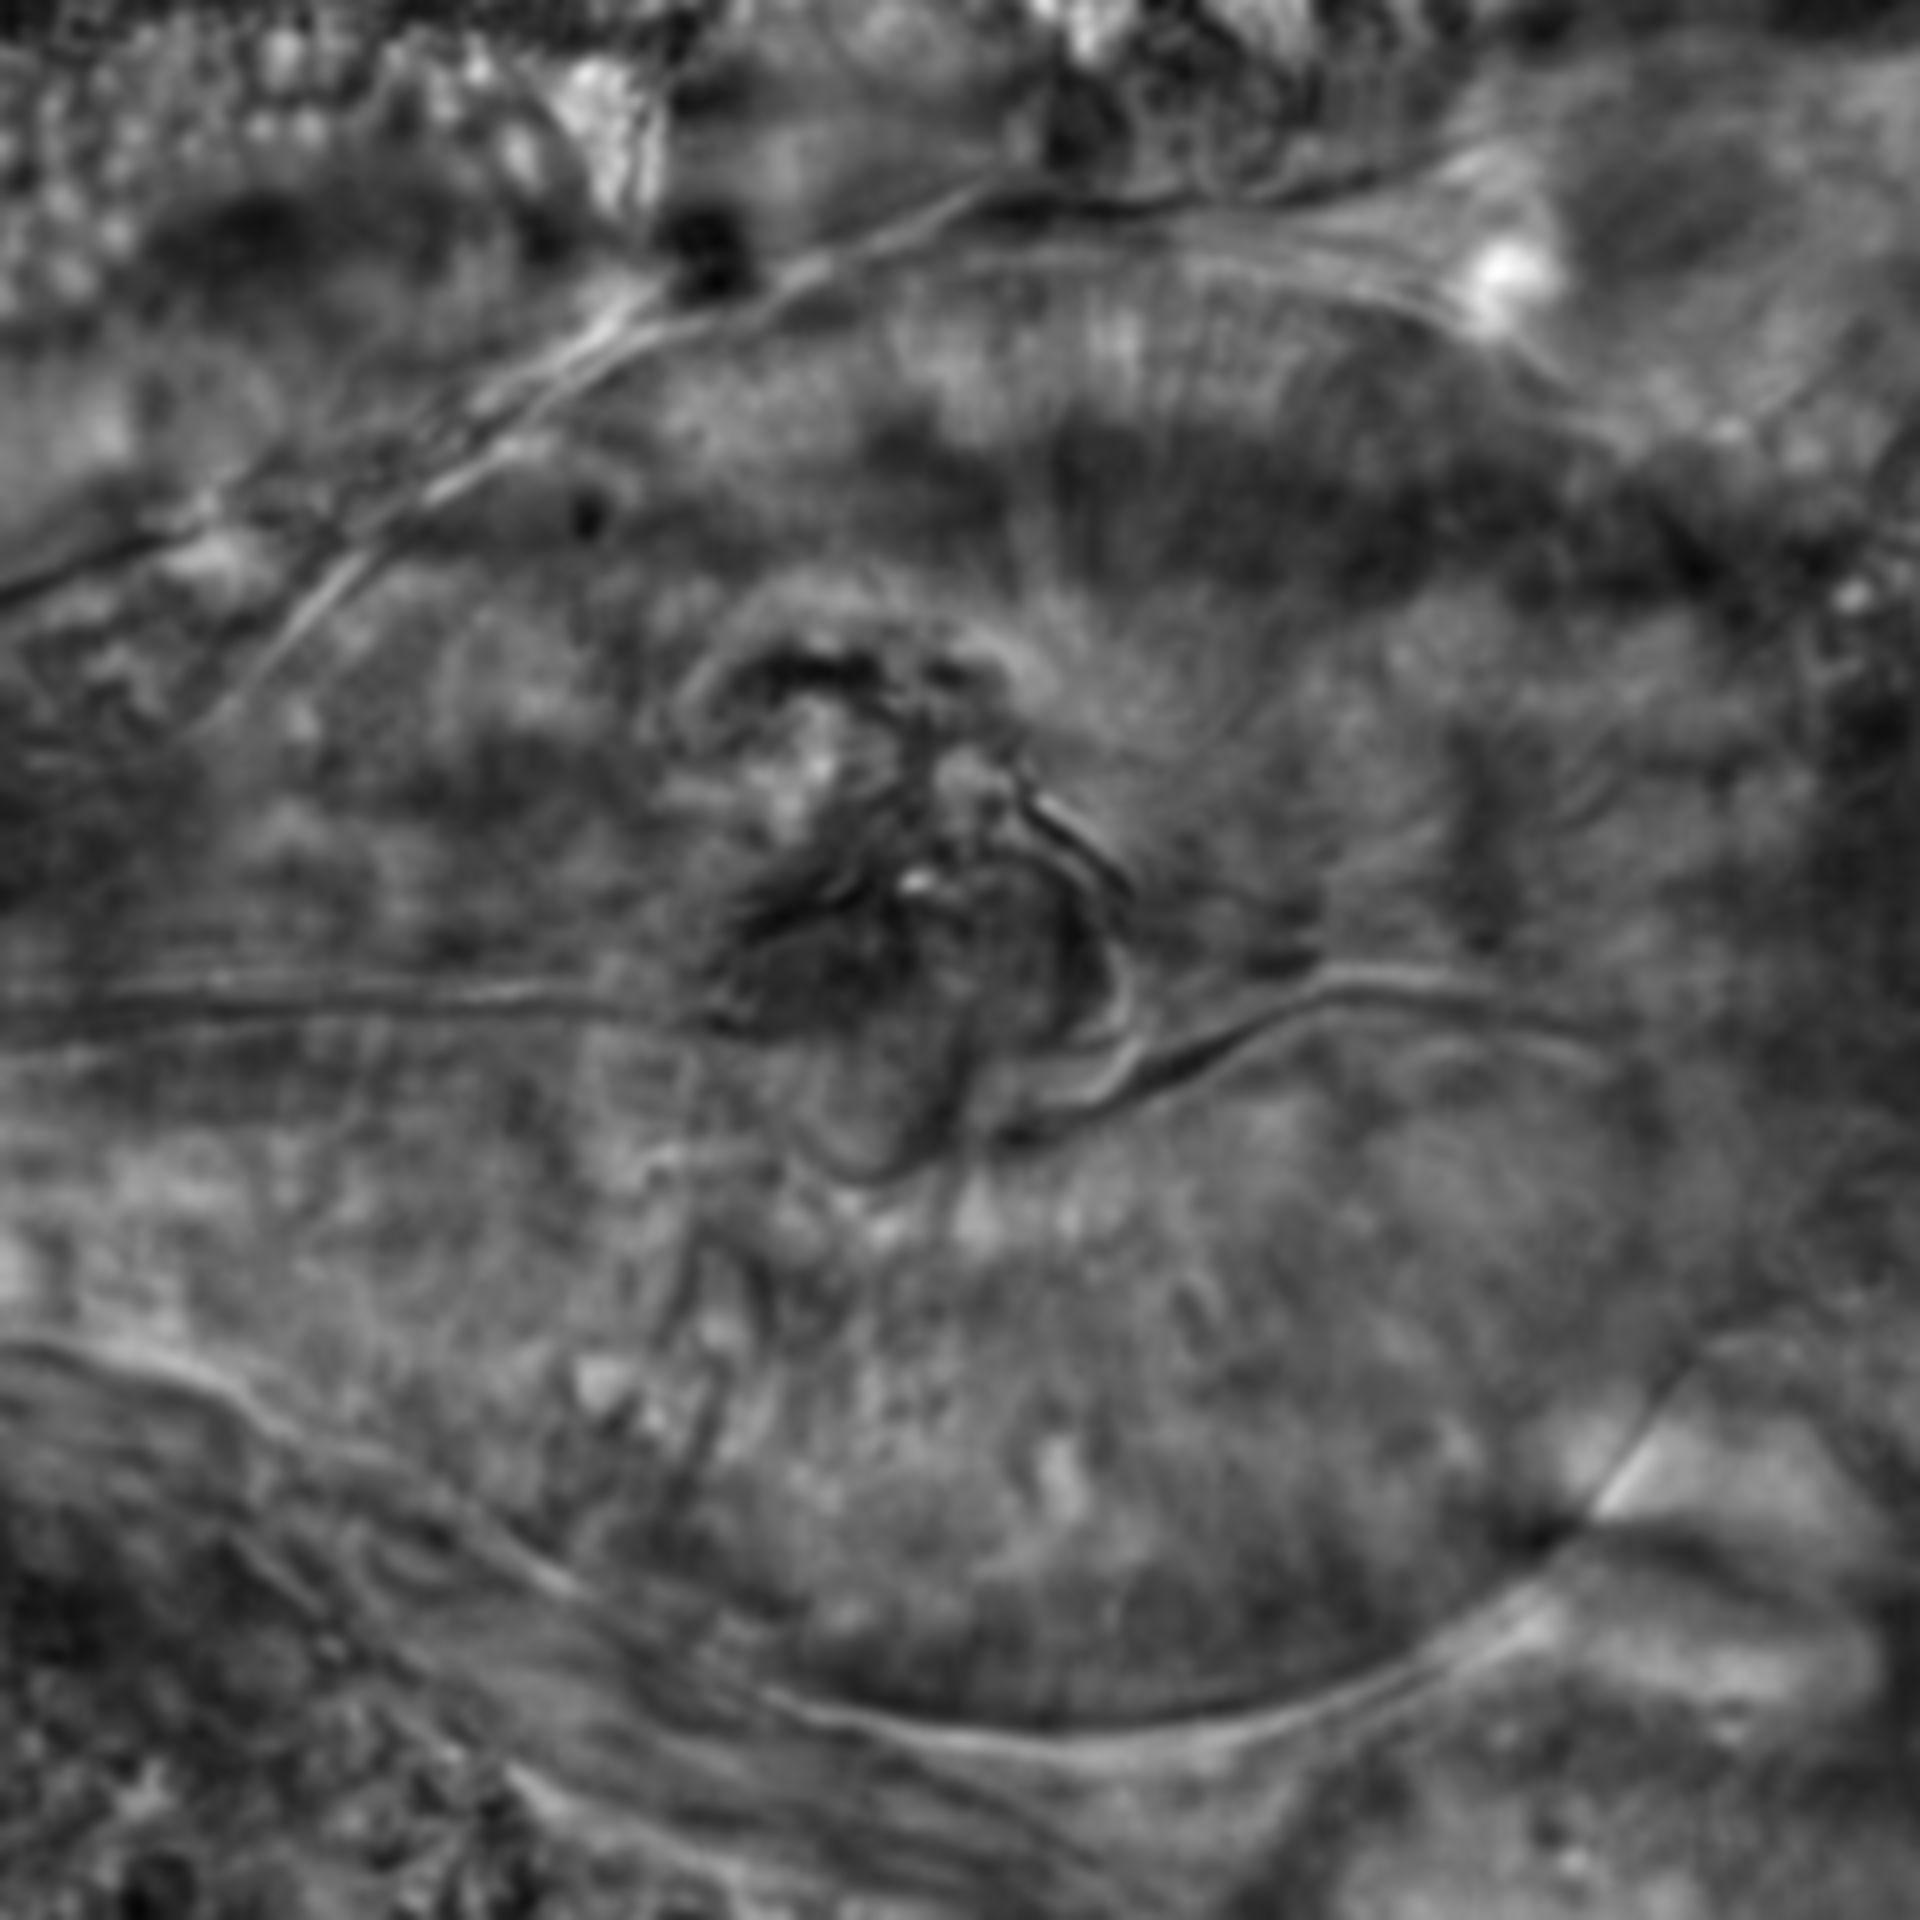 Caenorhabditis elegans - CIL:2787